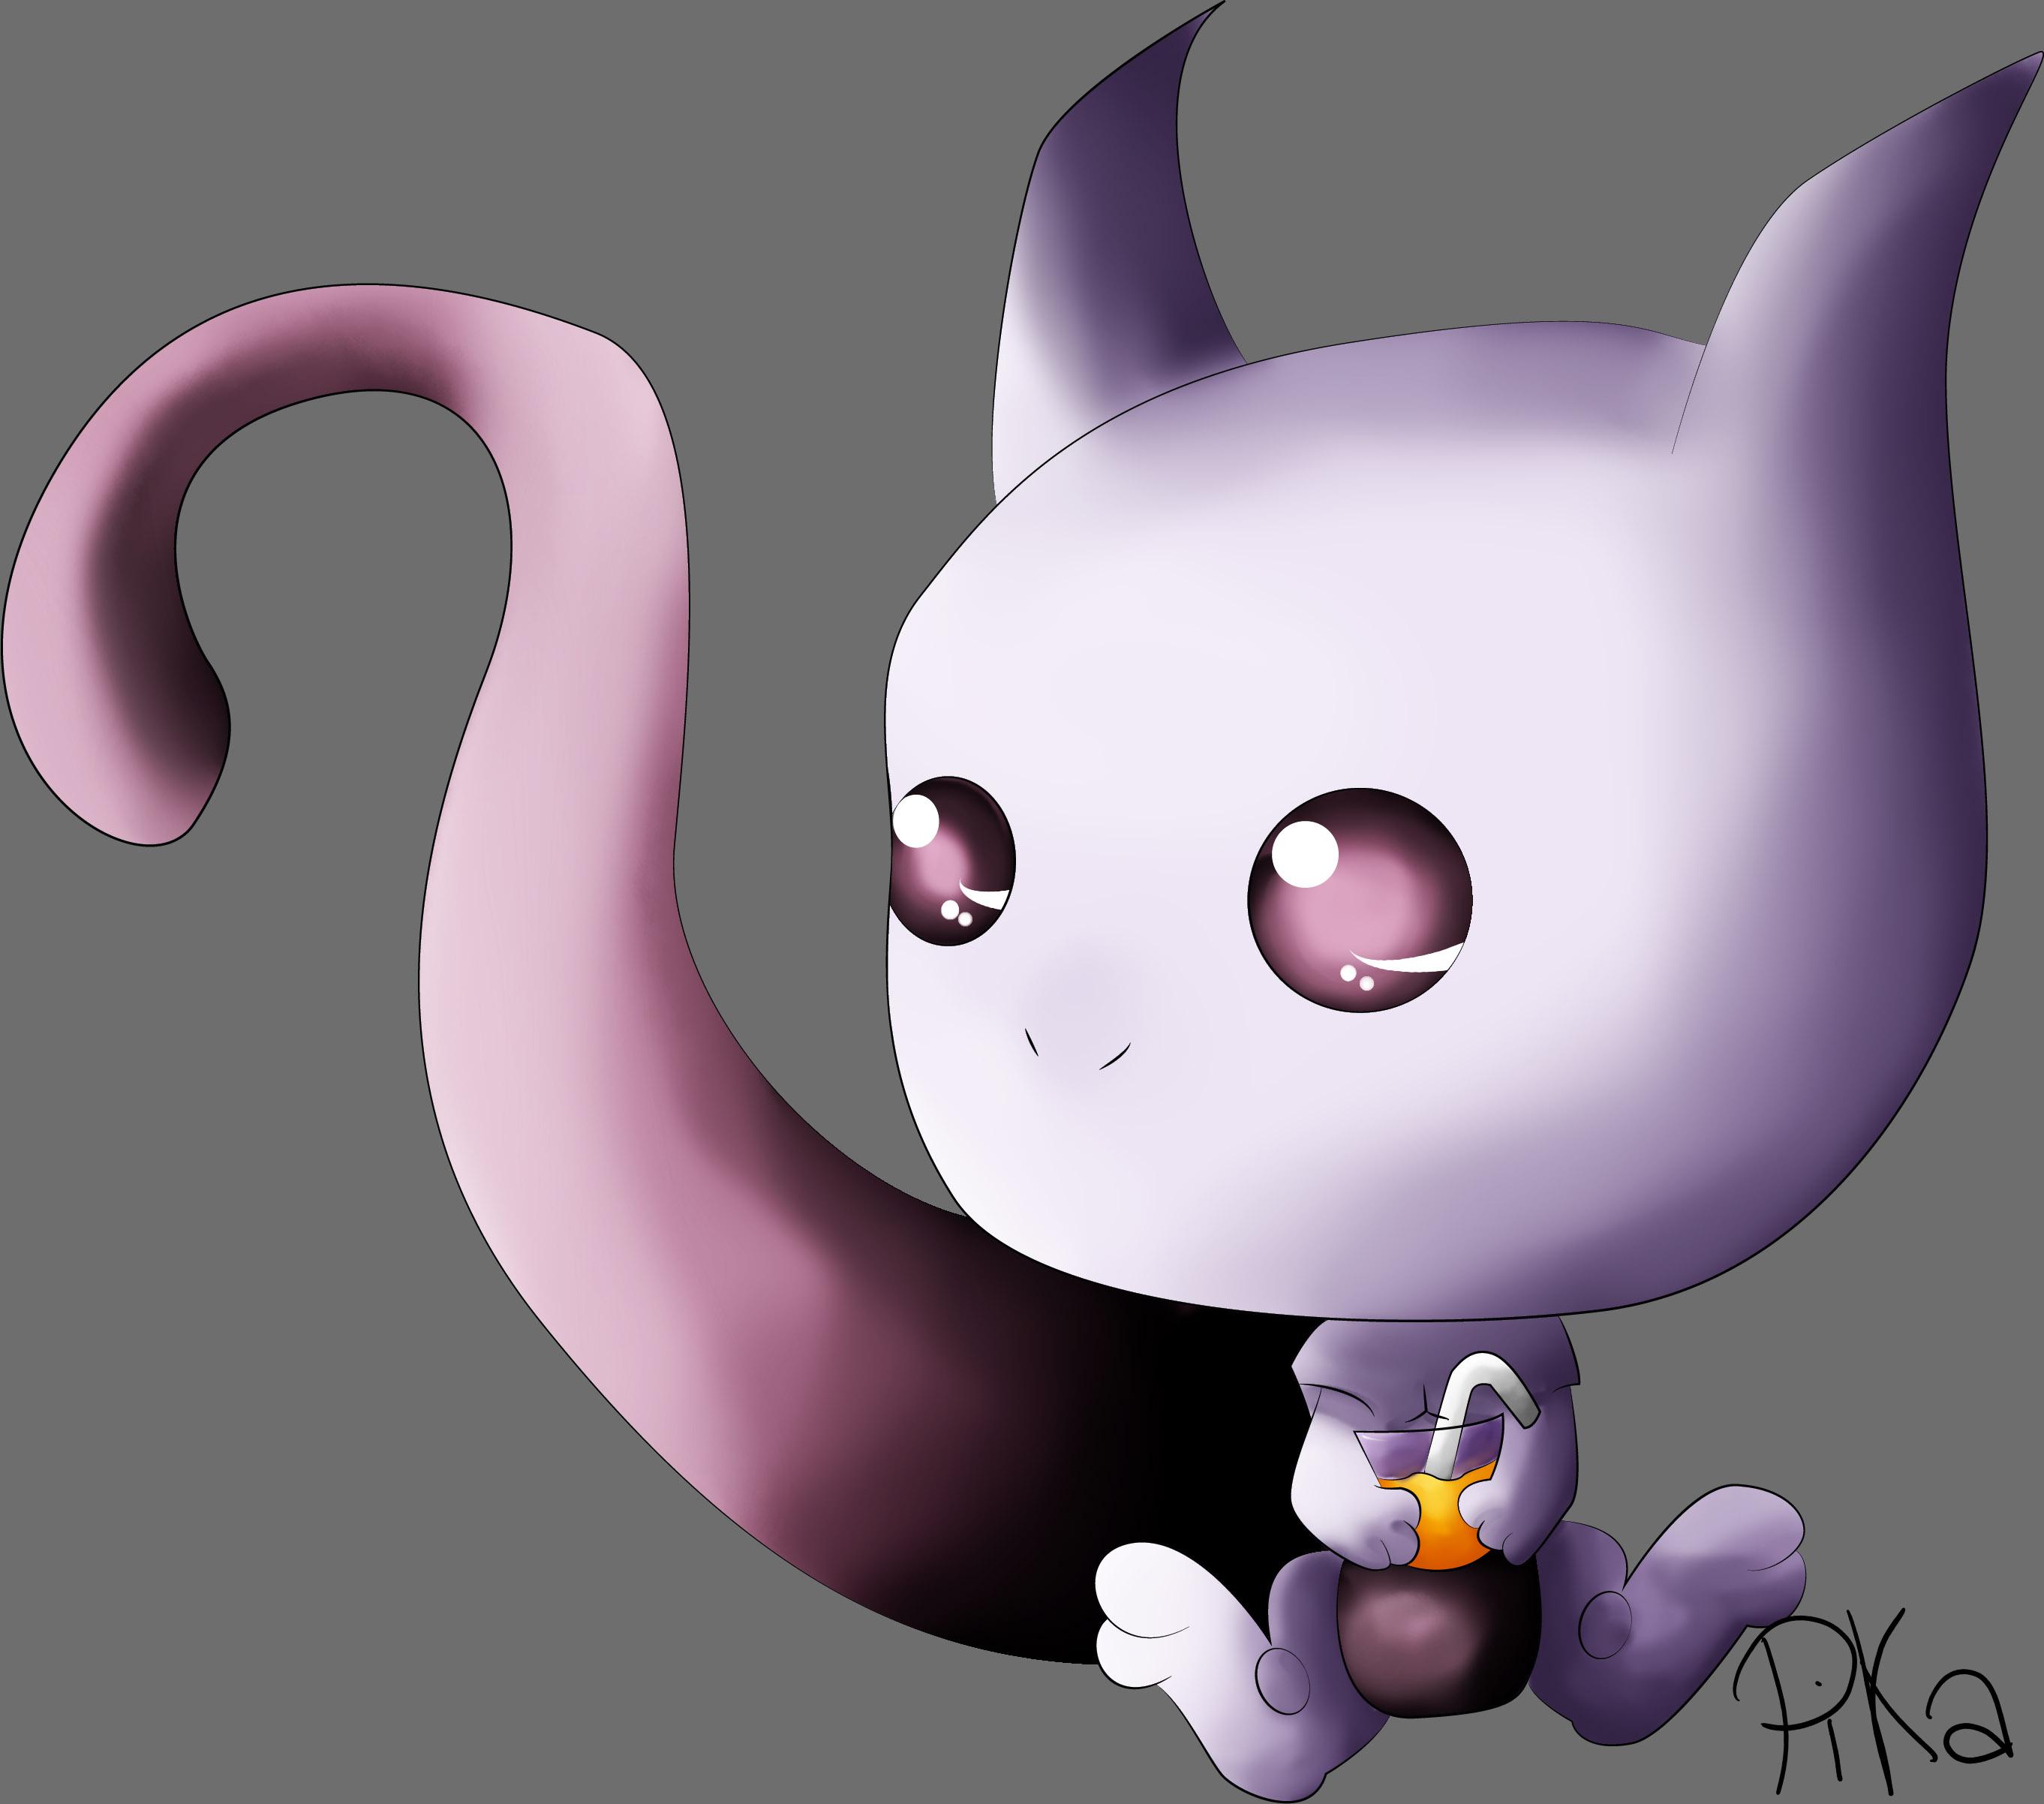 Dessin Mewtwo :) de Pikachette59